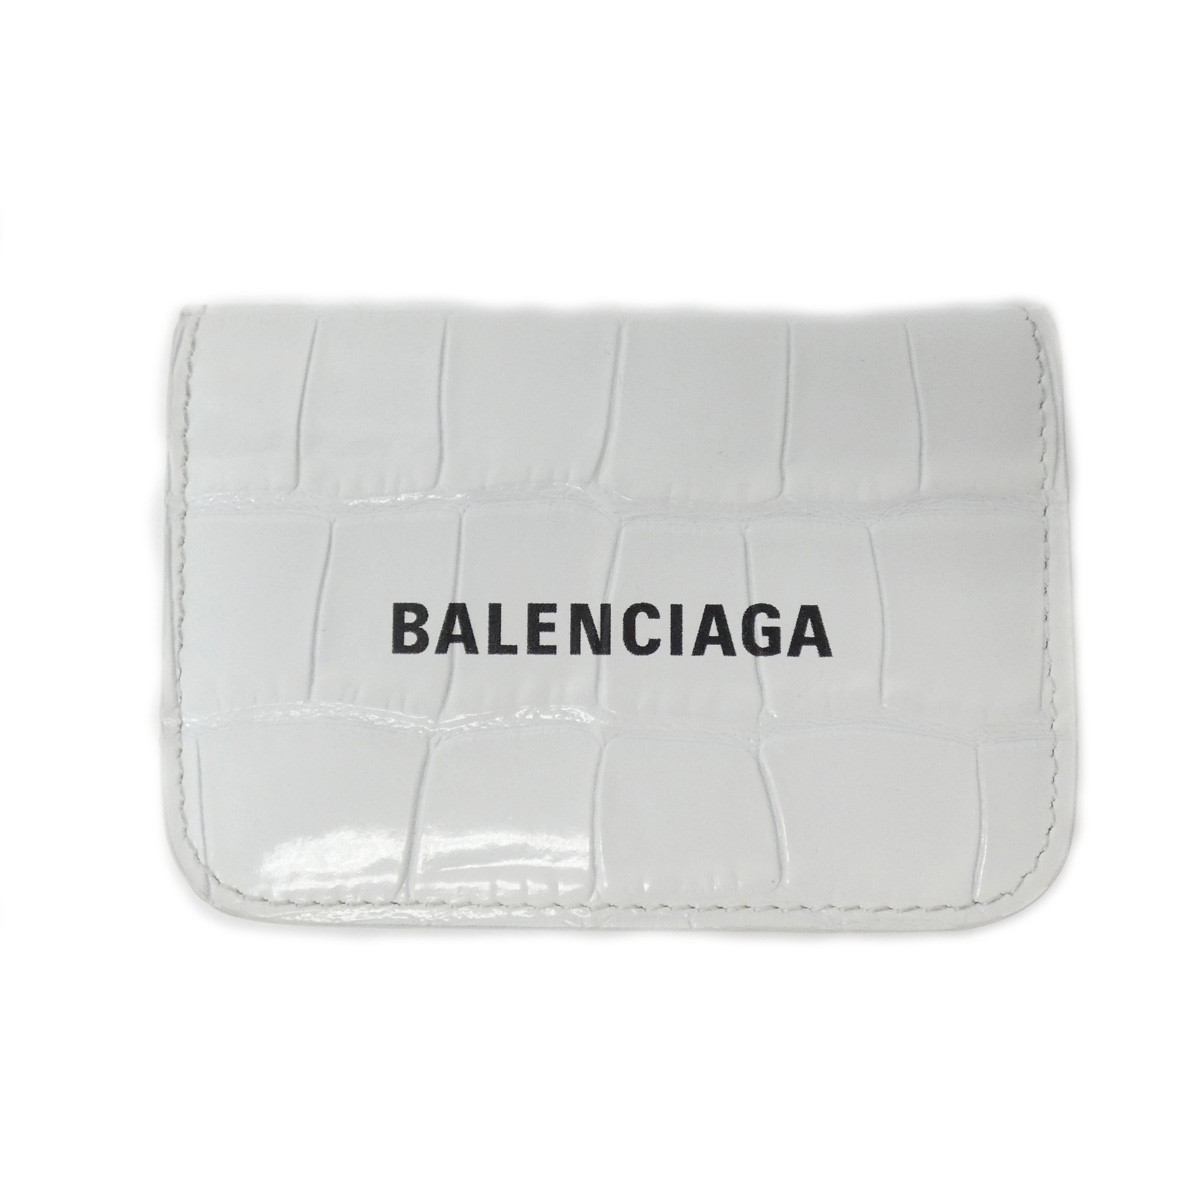 バレンシアガ 中古 BALENCIAGA キャッシュミニ クロココンパクトウォレット ホワイト サイズ:- 贈答 絶品 240721